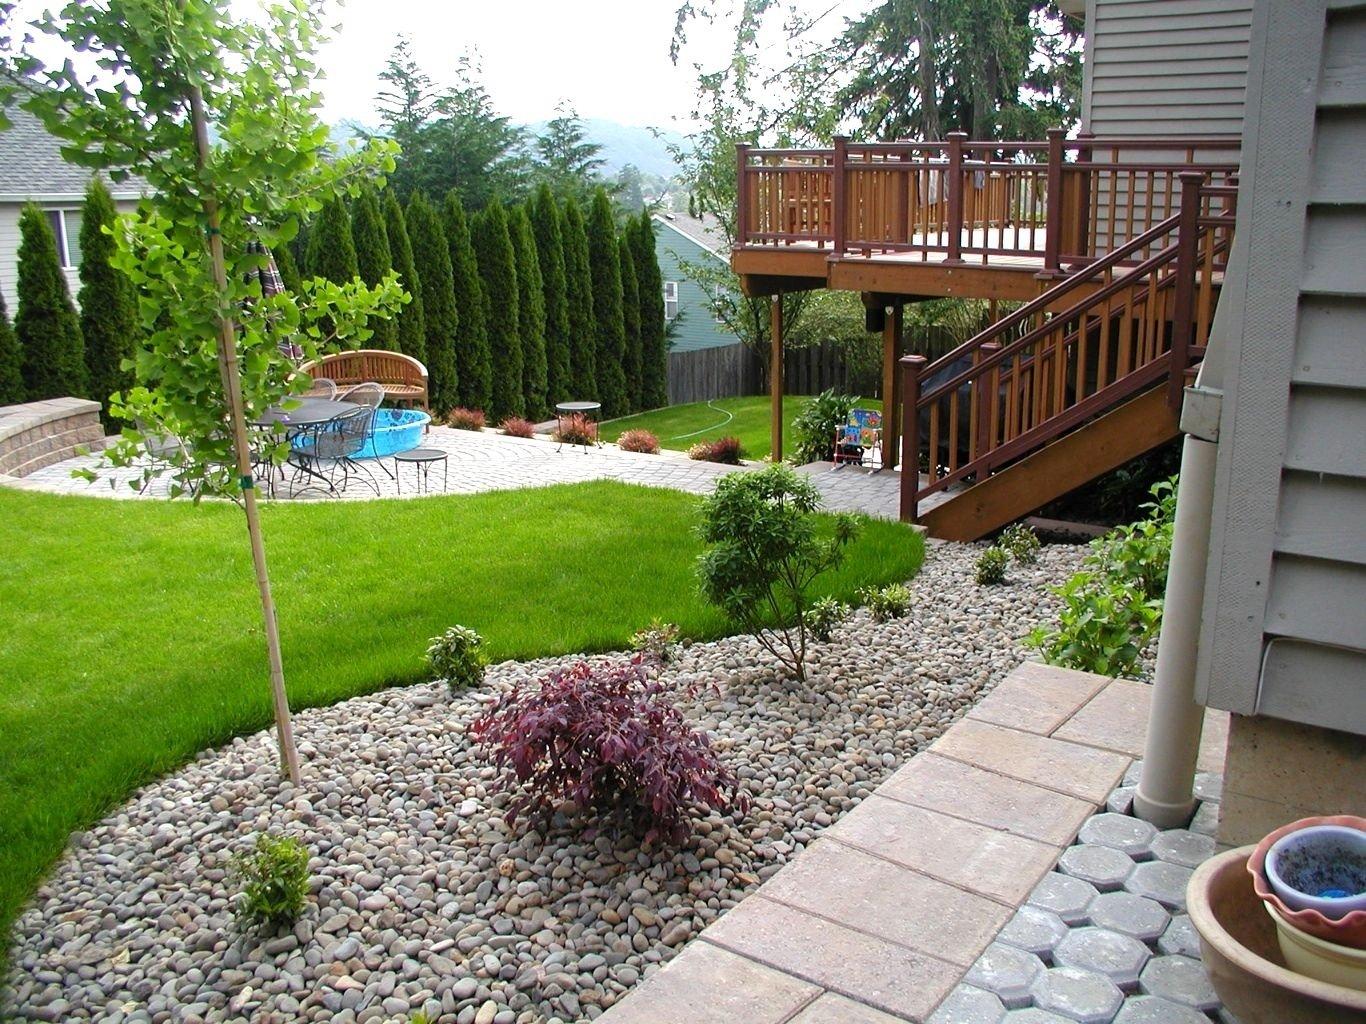 10 Cute Small Garden Ideas On A Budget small garden ideas cheap the garden inspirations 2021